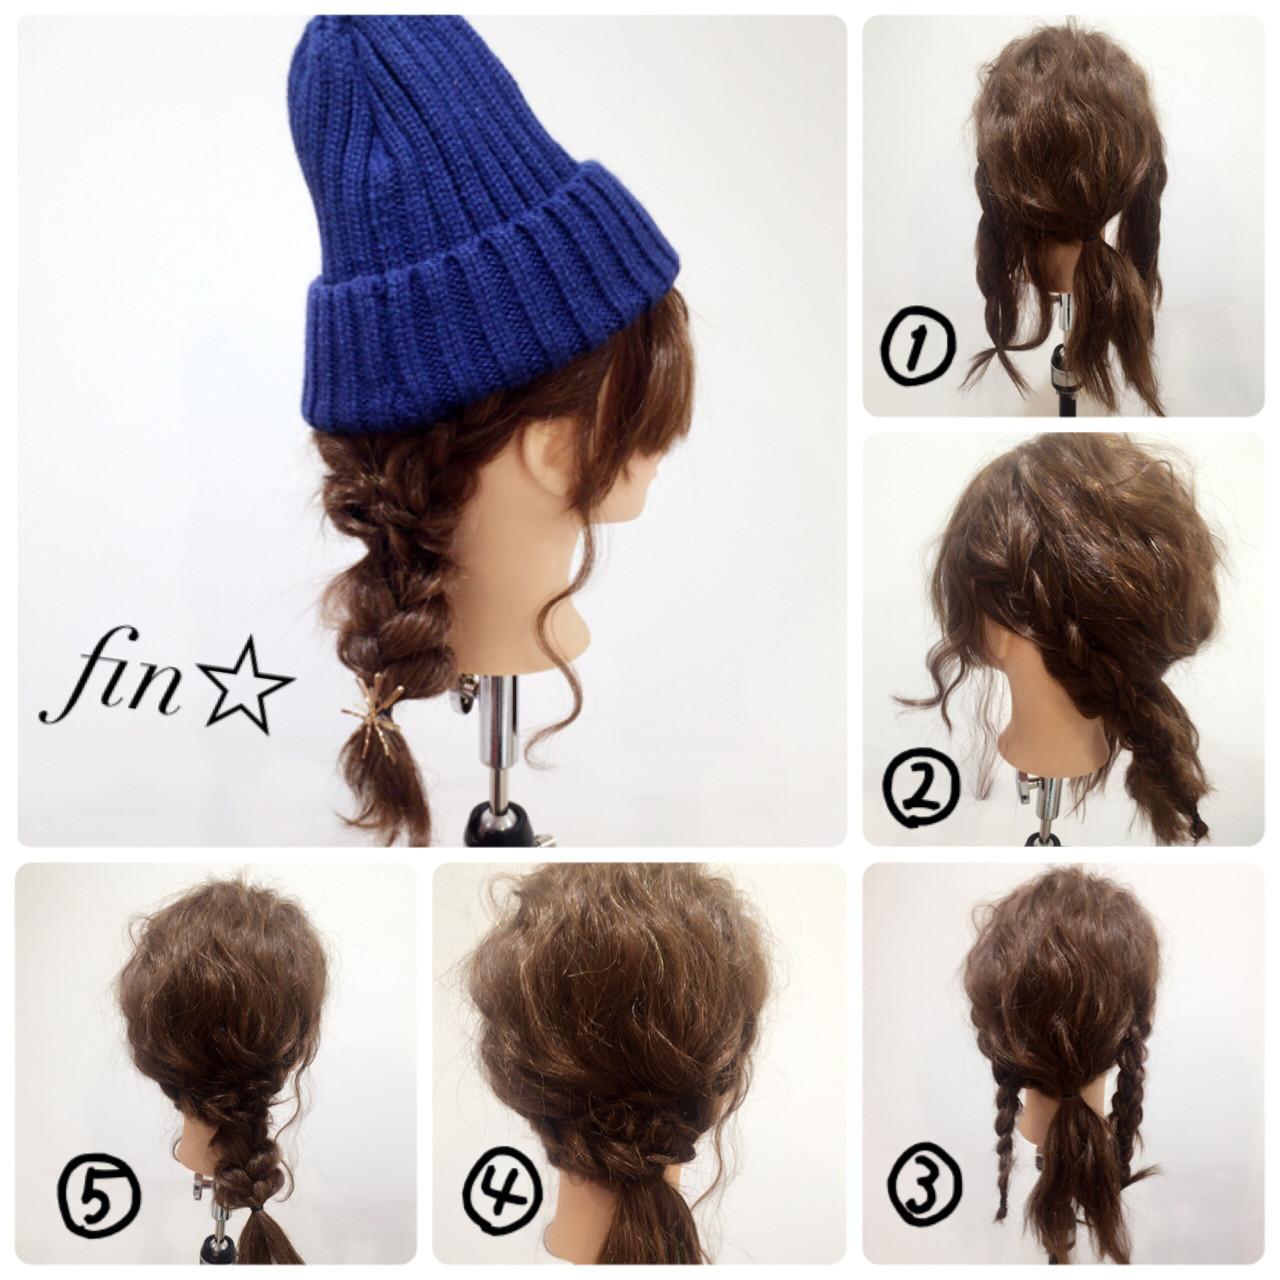 【ニット帽の髪型特集】おしゃれでかわいいヘアアレンジをマスター♡の10枚目の画像